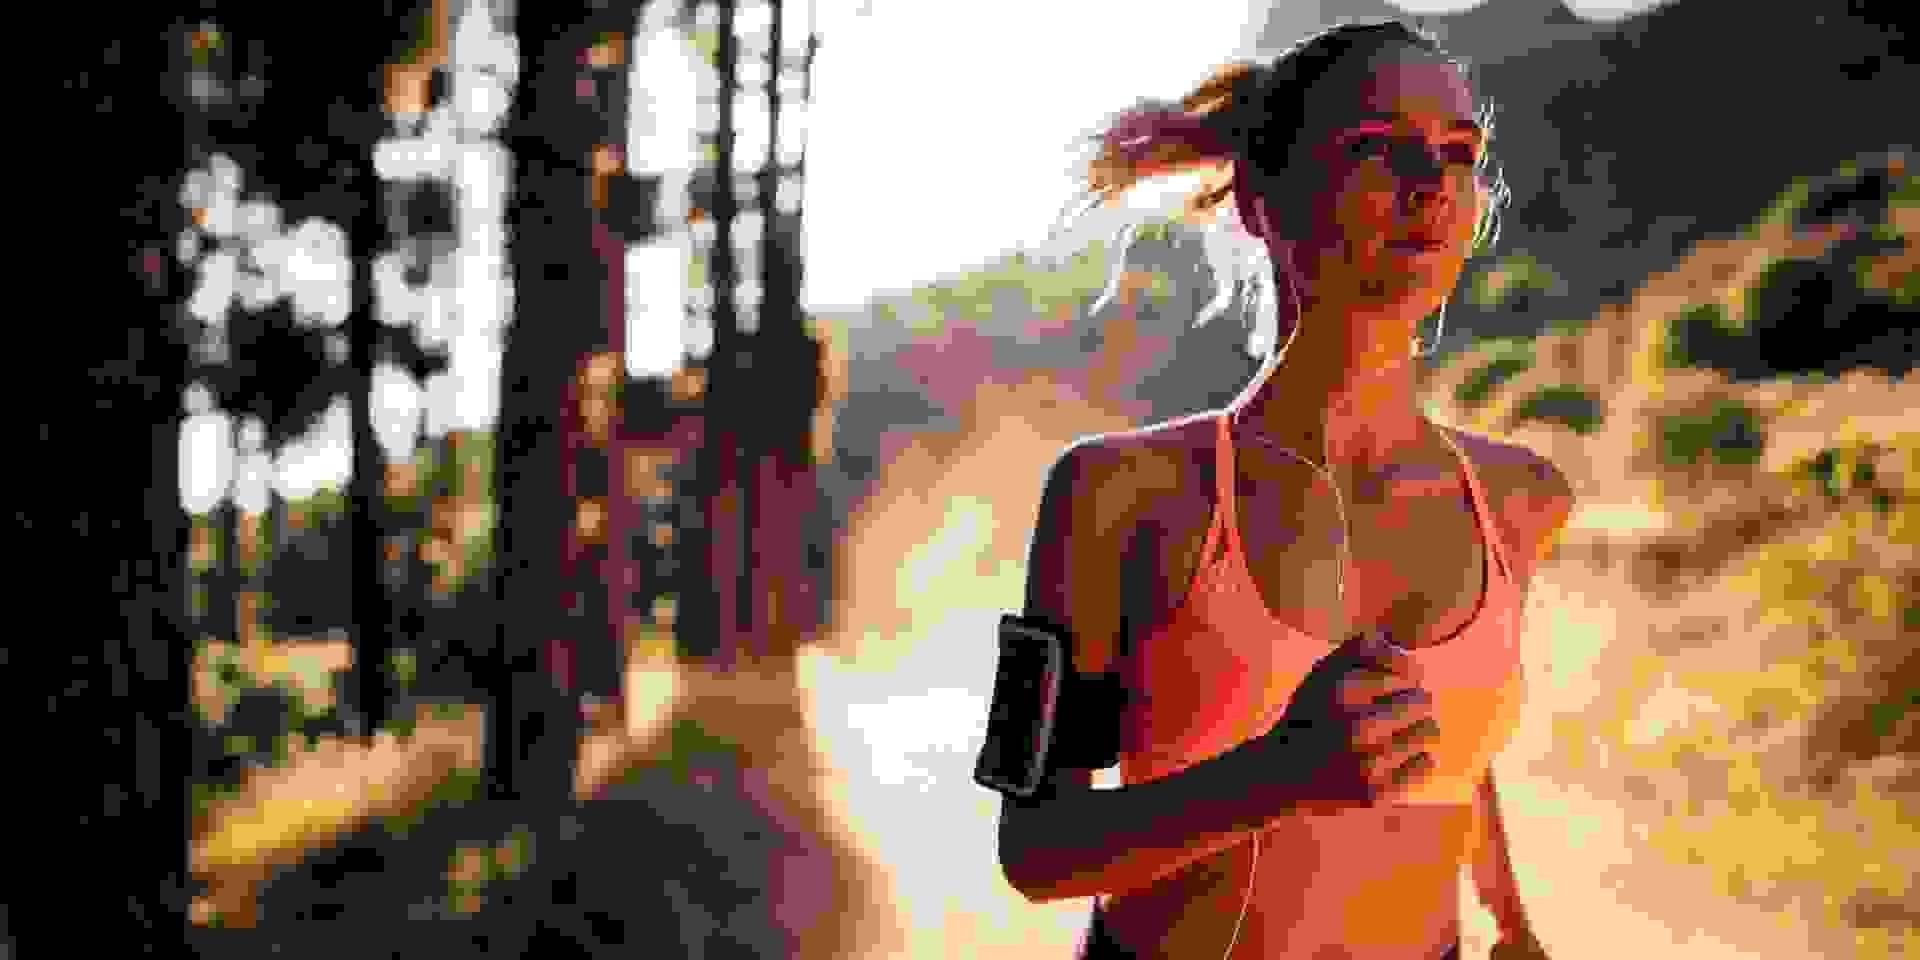 Eine Frau trackt ihre Geschwindigkeit beim Trailrunning mit dem Smartphone